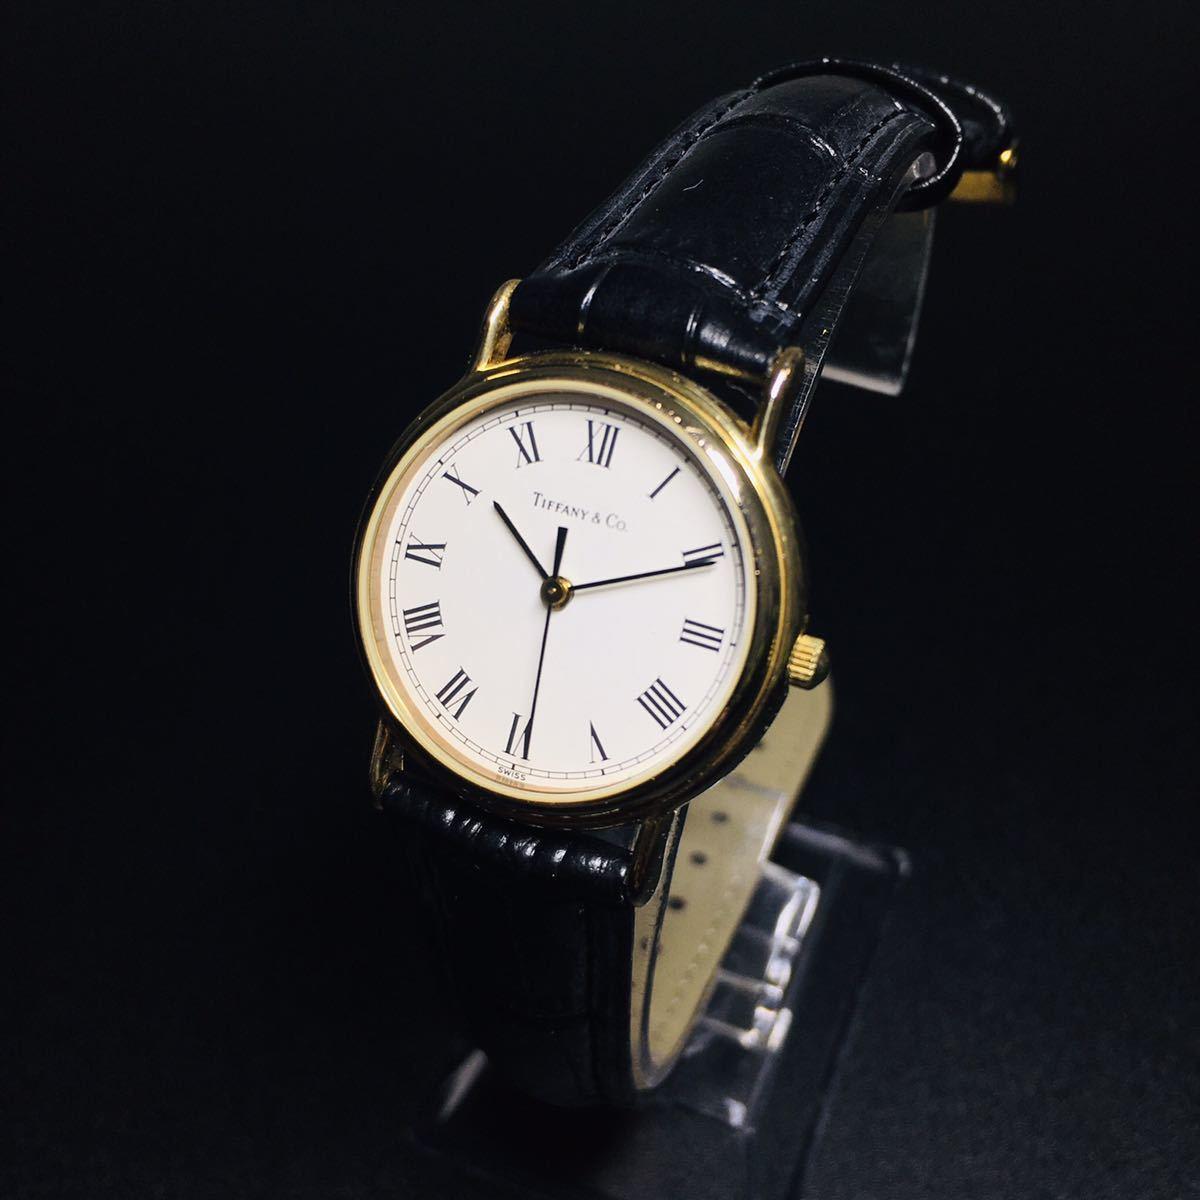 【美品 正規品】ティファニー 腕時計 ローマンインデックス ゴールド クラシック ラウンド レディース 【2005Ti36】_画像1